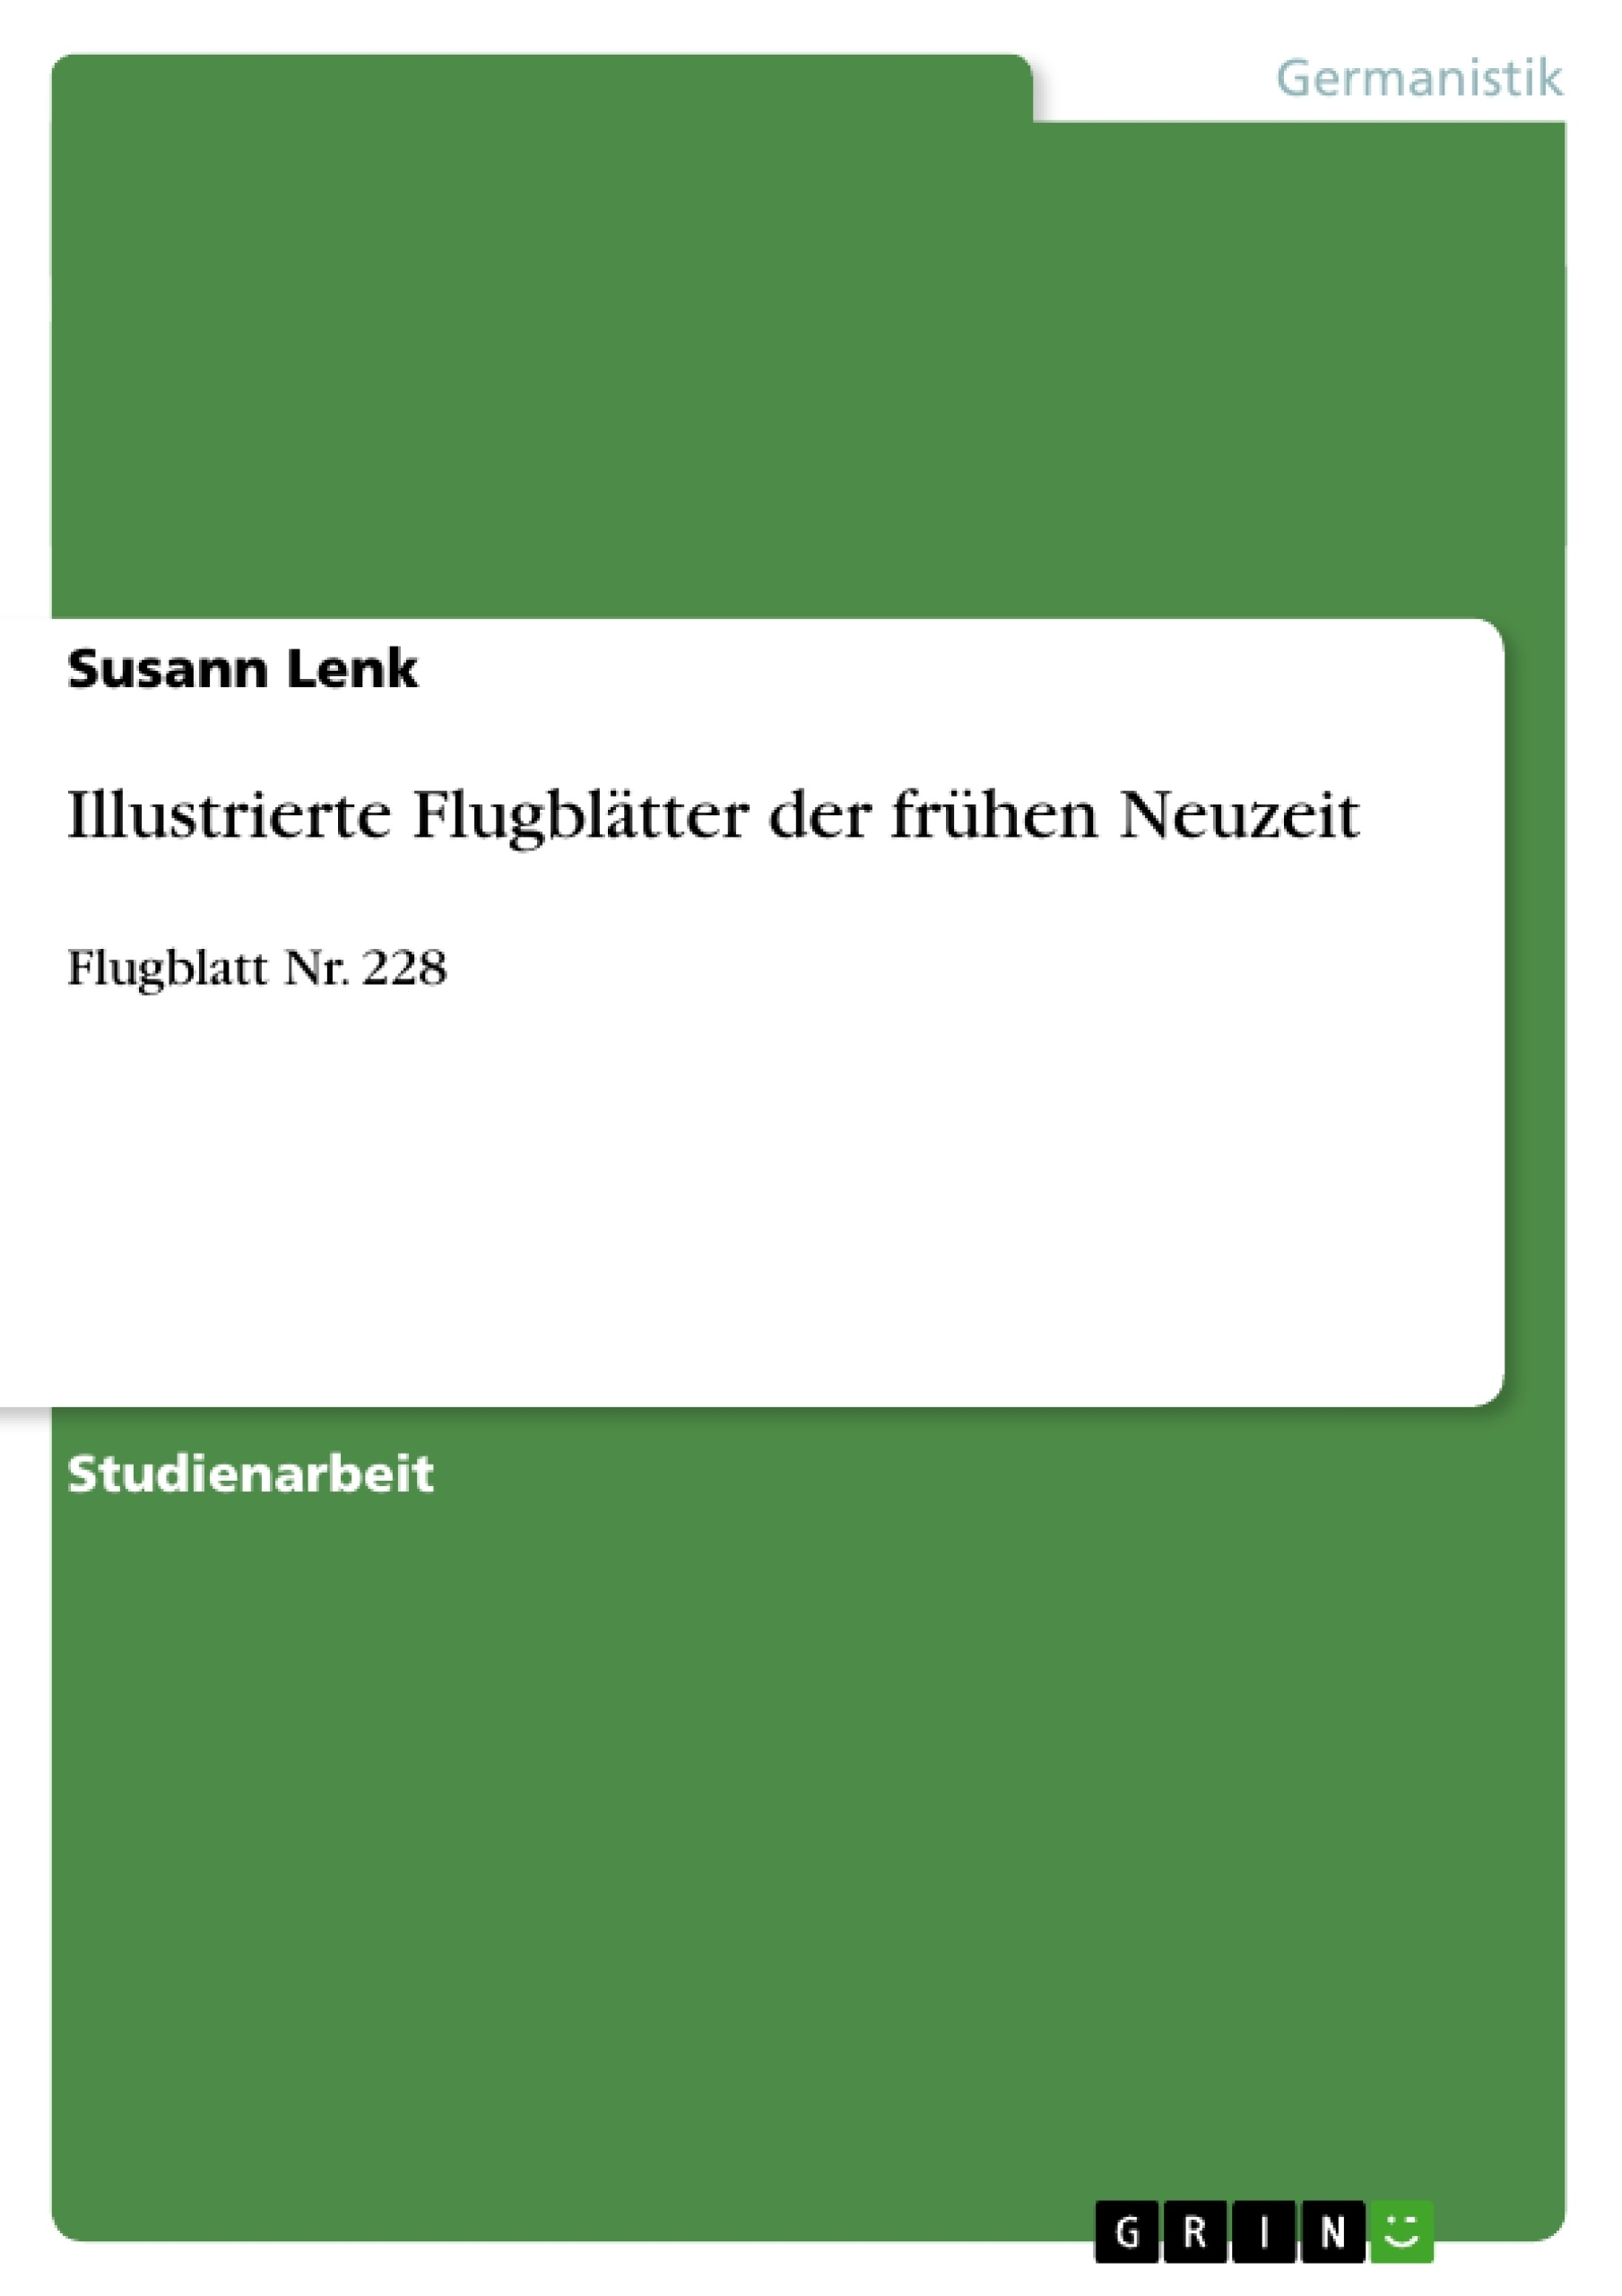 Titel: Illustrierte Flugblätter der frühen Neuzeit